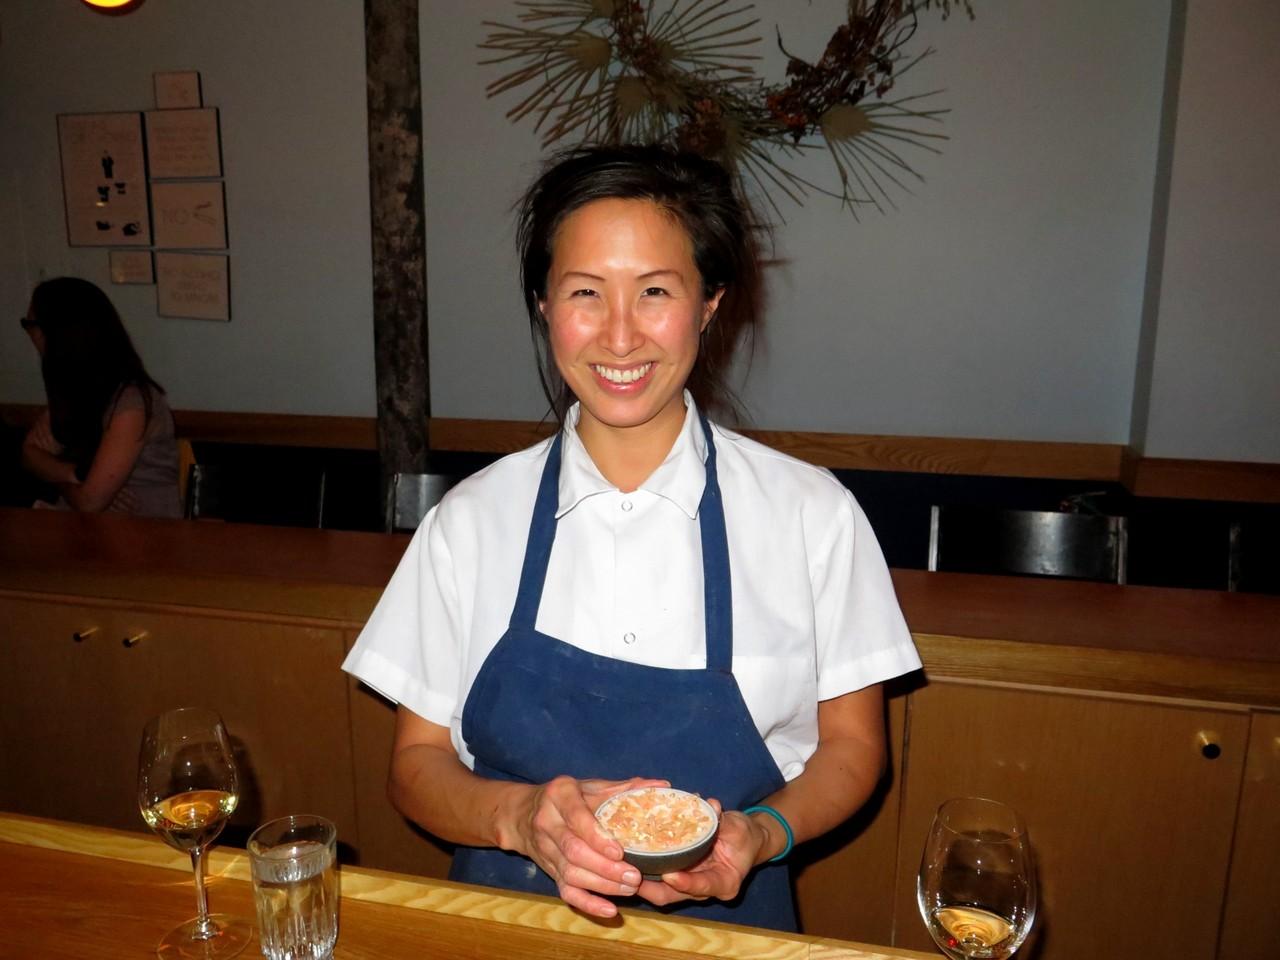 Pamela Yung